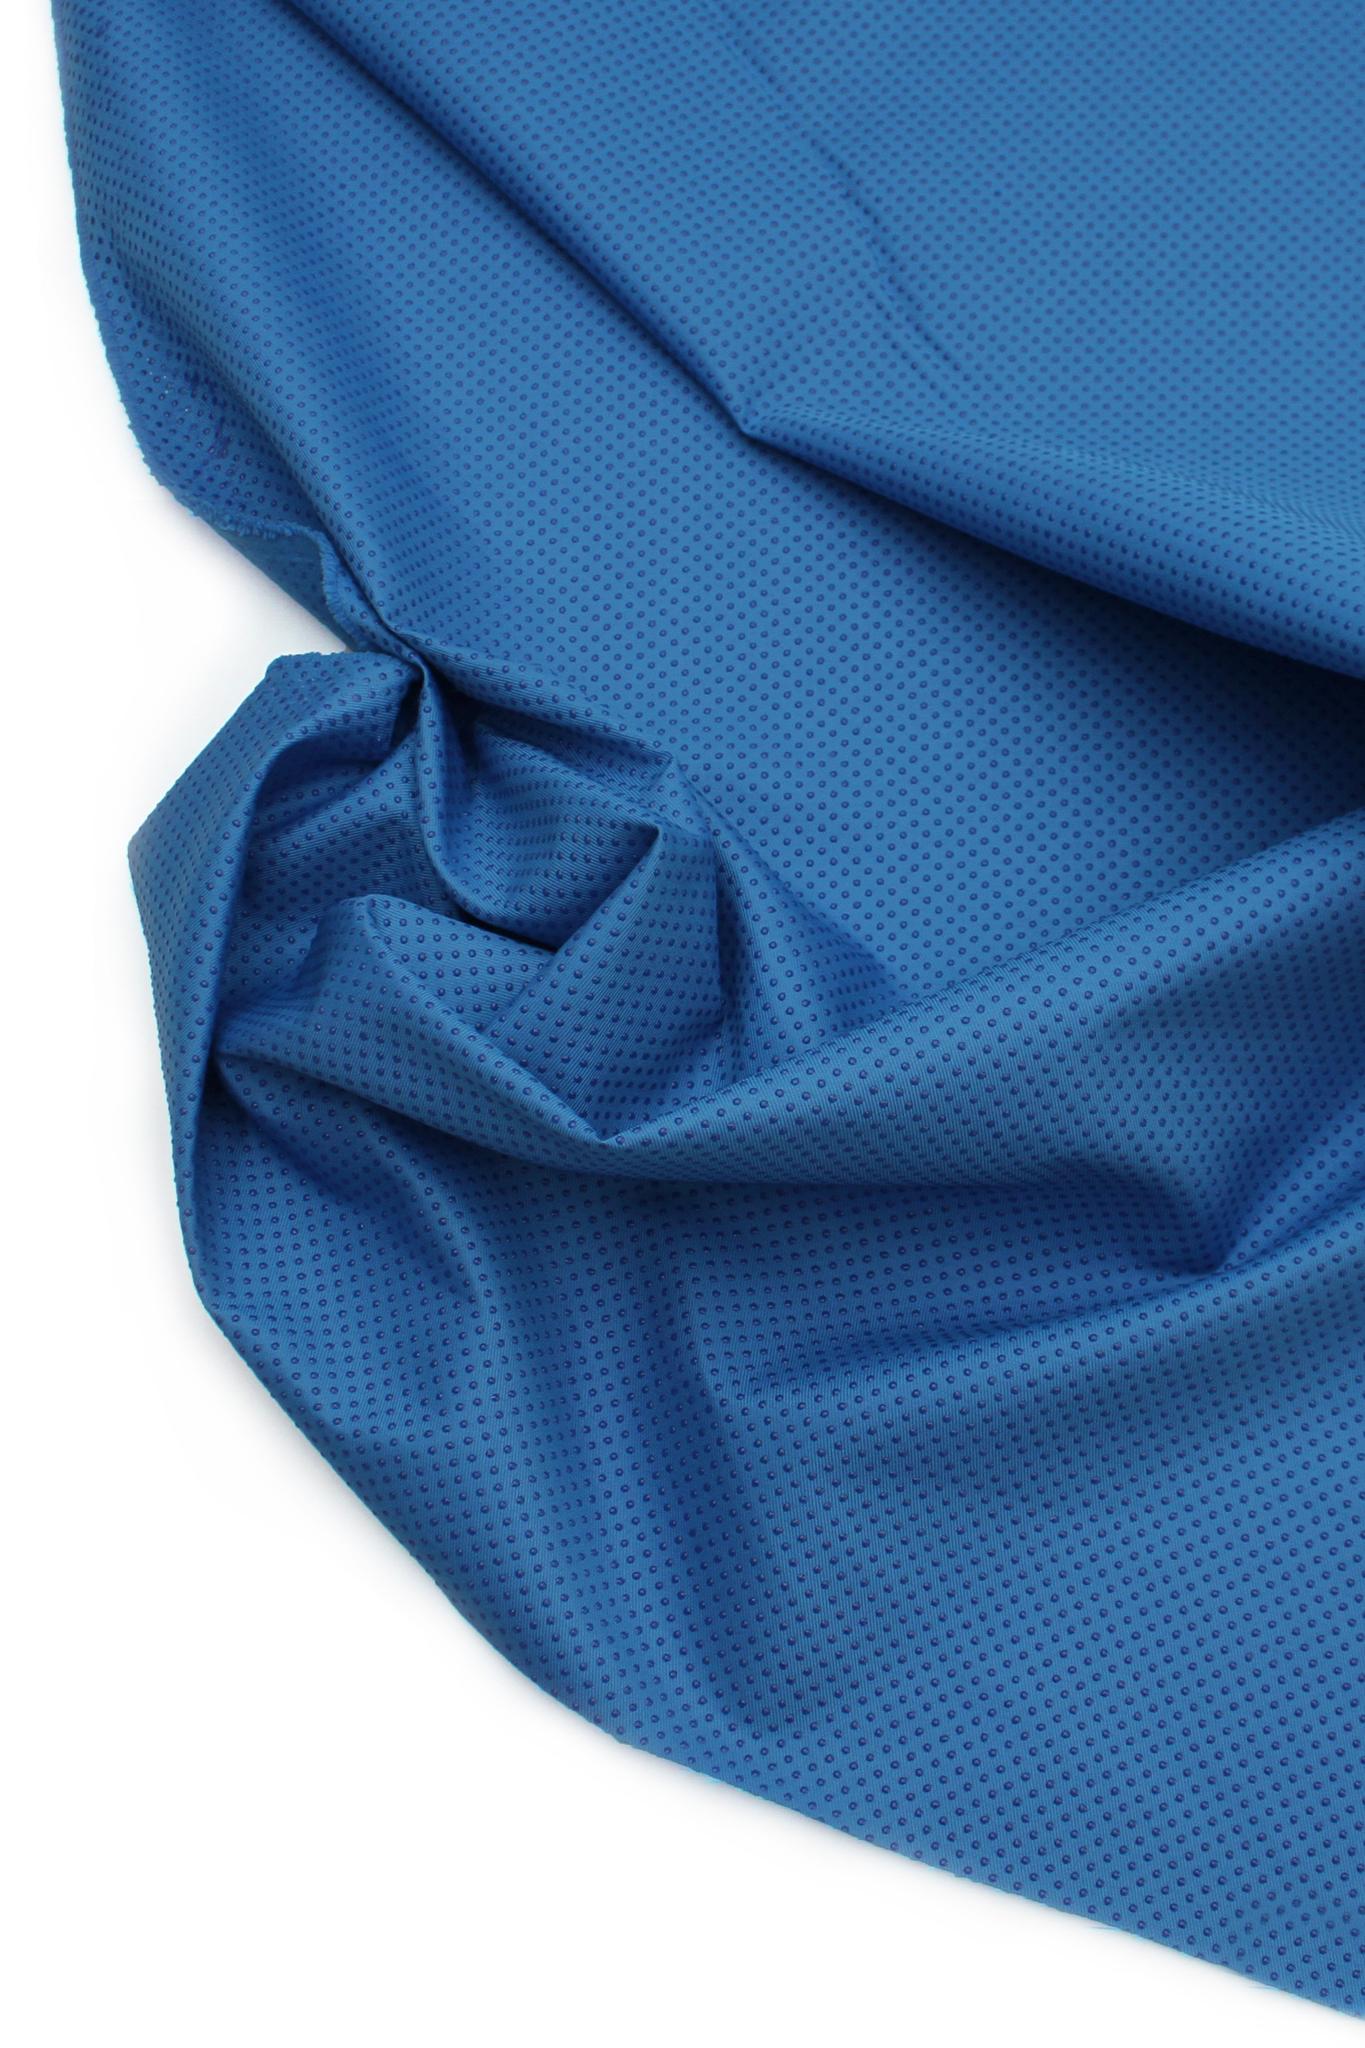 Ткань противоскользящая синяя